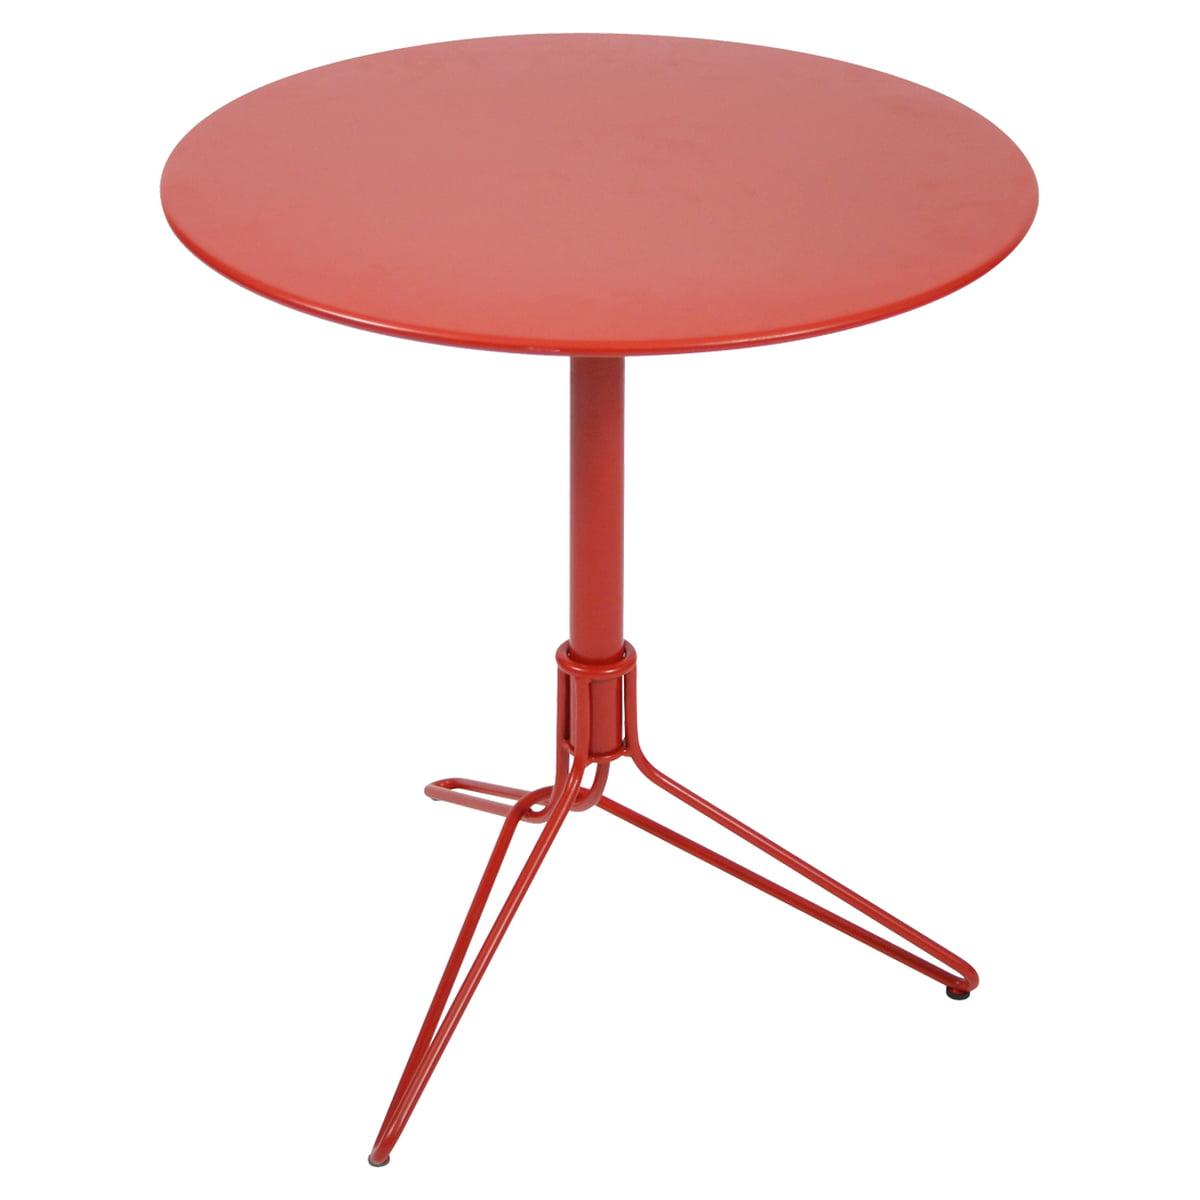 Fermob - Flower Bistrotisch, rund, Ø 67 cm, mohnrot | Küche und Esszimmer > Bar-Möbel > Bar-Stehtische | Mohnrot | Tischplatte aus stahlblech mit uv-beständigem pulverlack | fermob